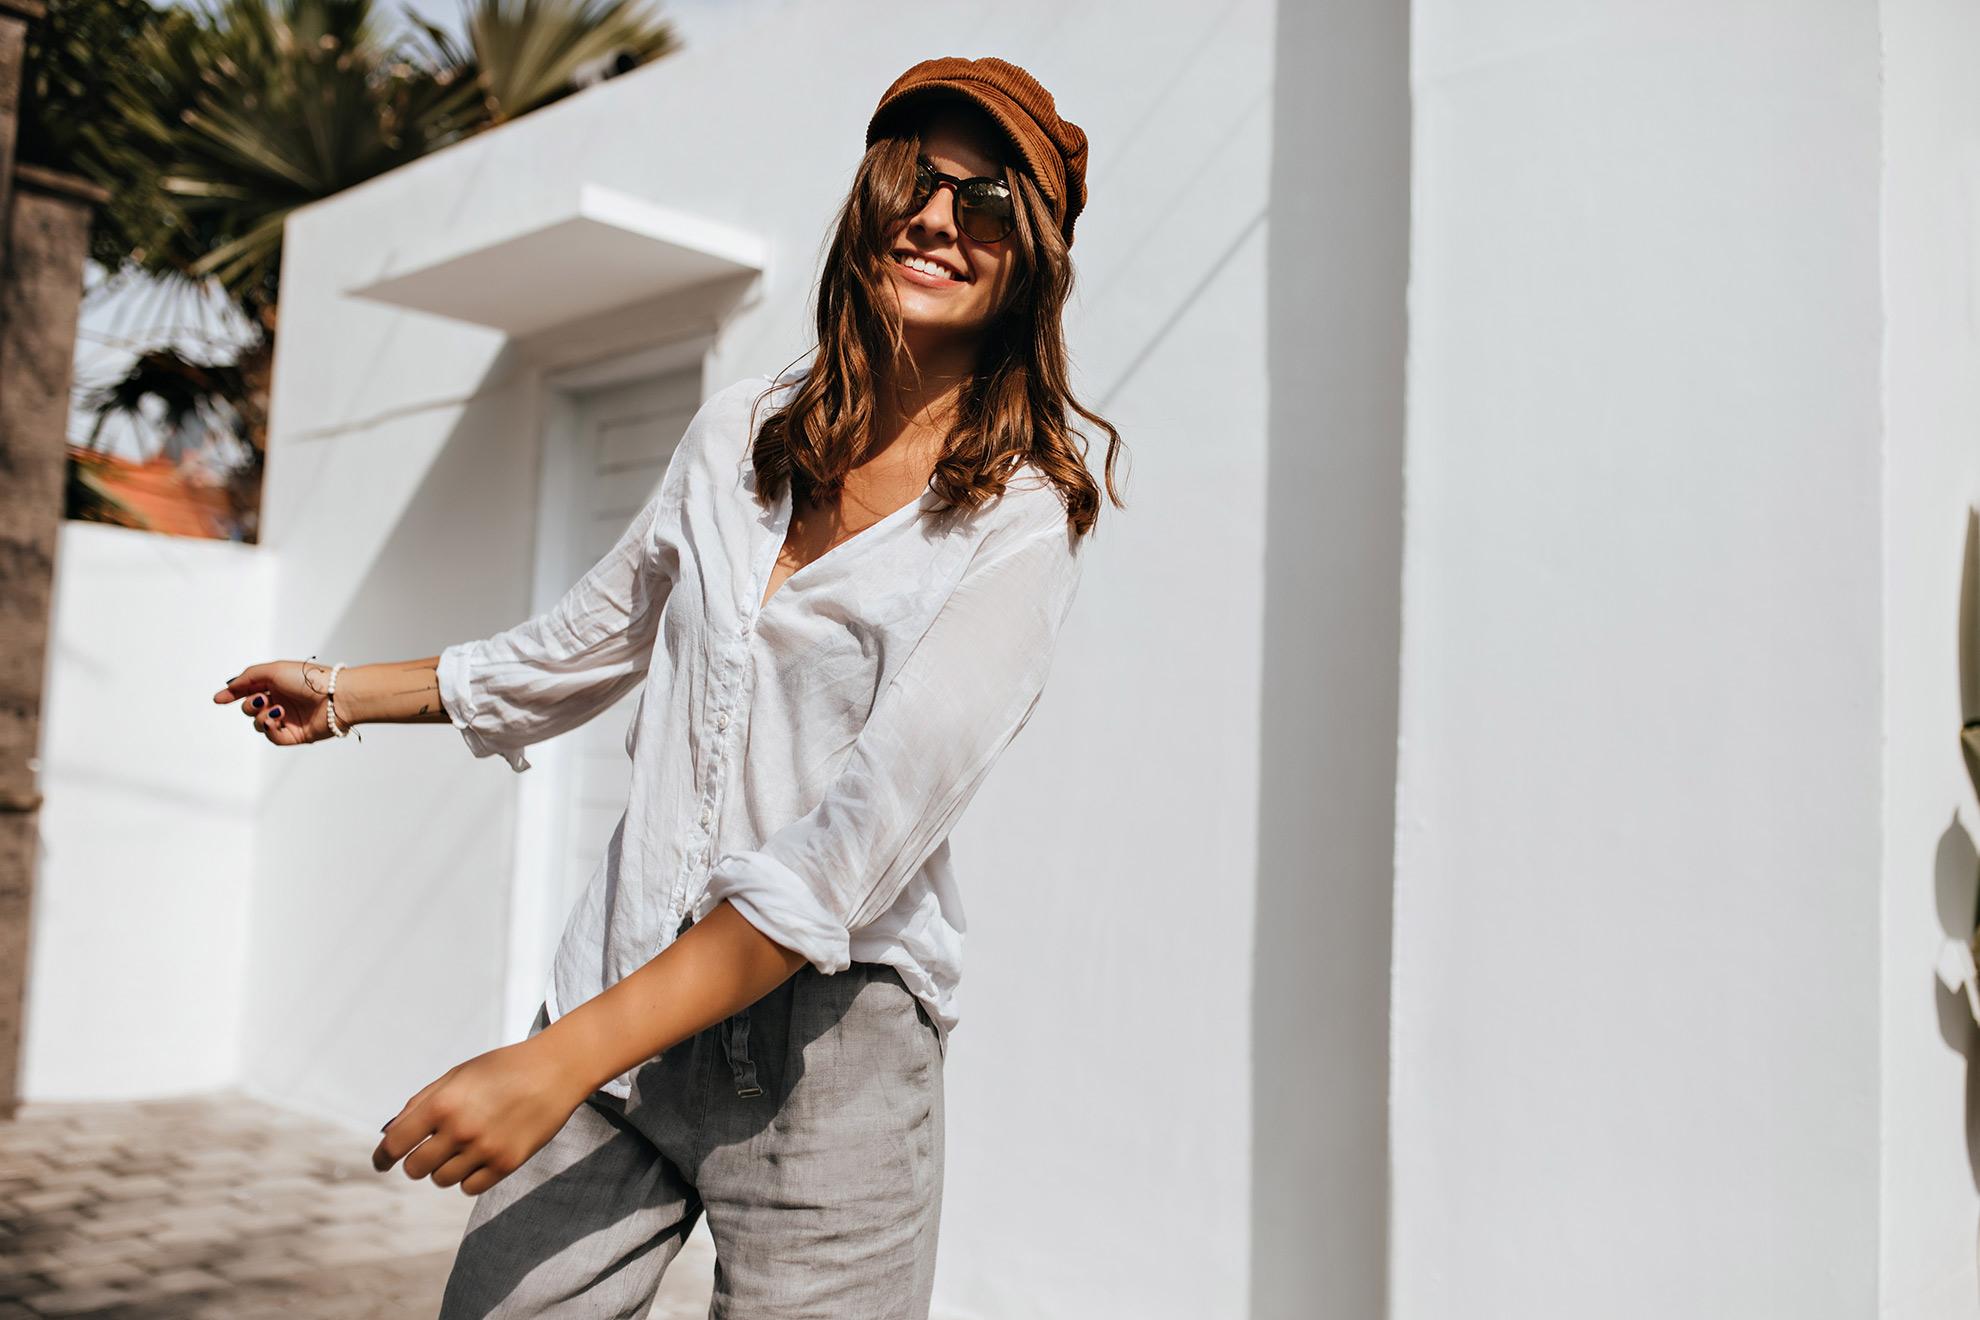 Kobieta w letniej stylizacji, ilustracja artykułu o dodatkach do letnich stylizacji